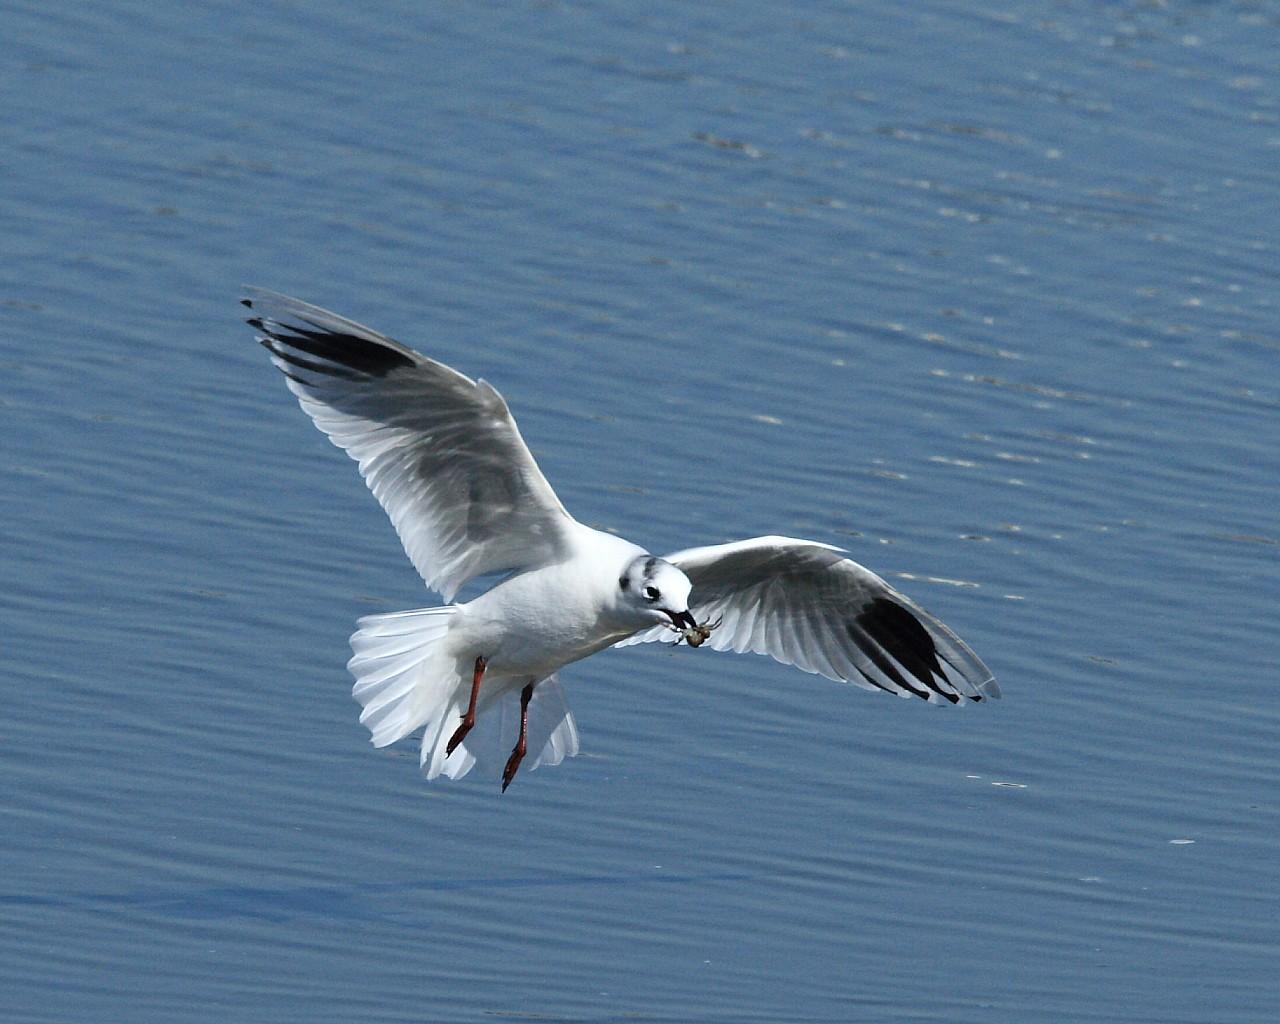 ズグロカモメがカニを咥えて飛翔(美しい野鳥の無料壁紙)_f0105570_2133444.jpg